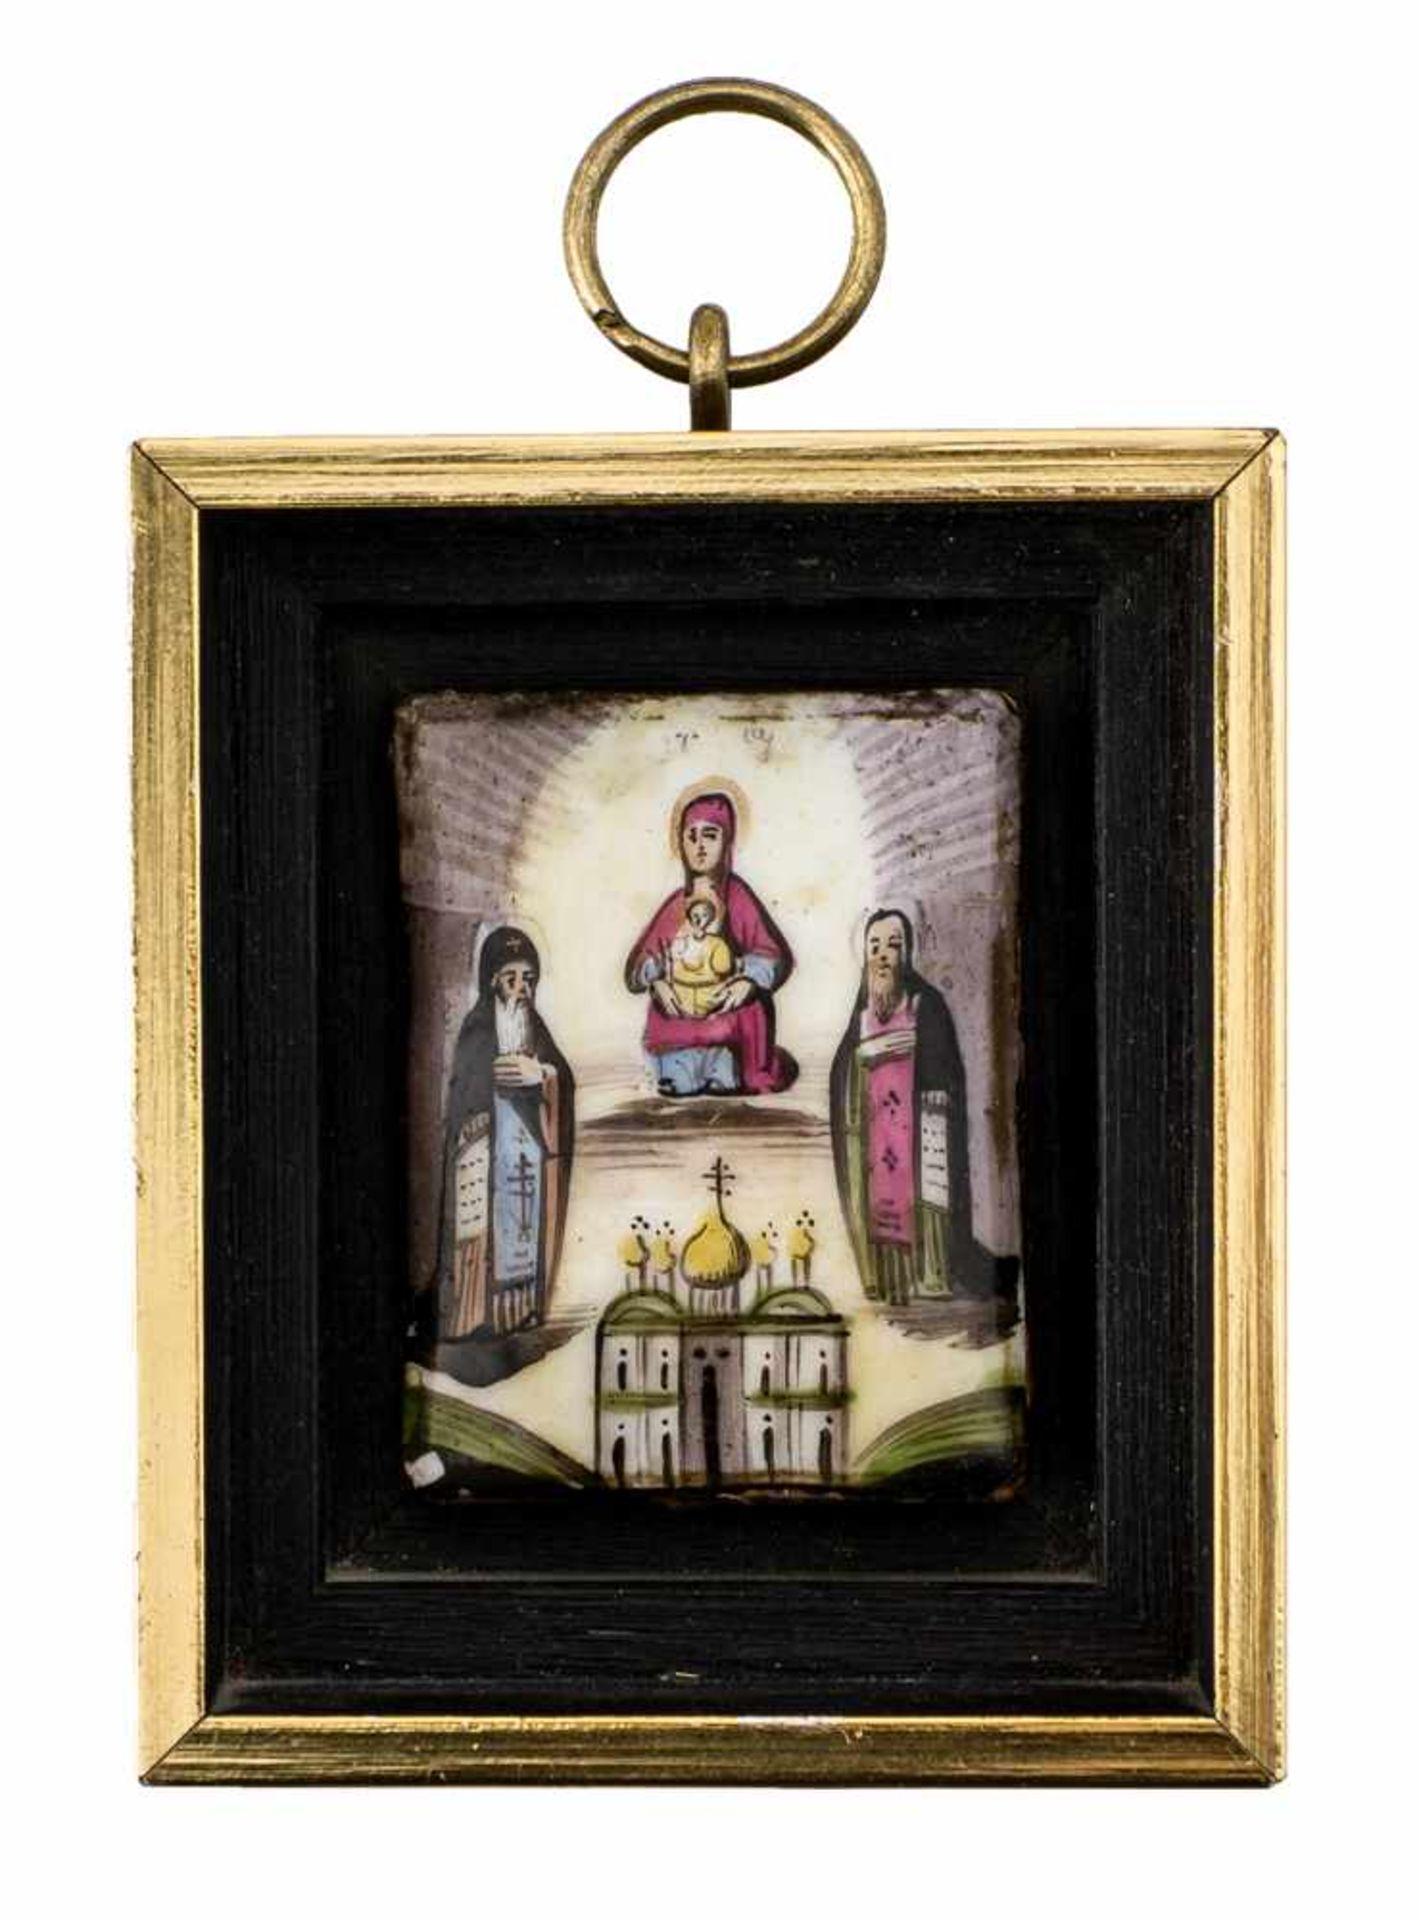 *Gottesmutter vom Kiever Höhlenkloster (Petscherskaja) Russisches Finifti, 19. Jh. 6 x 4,5 cm (mit